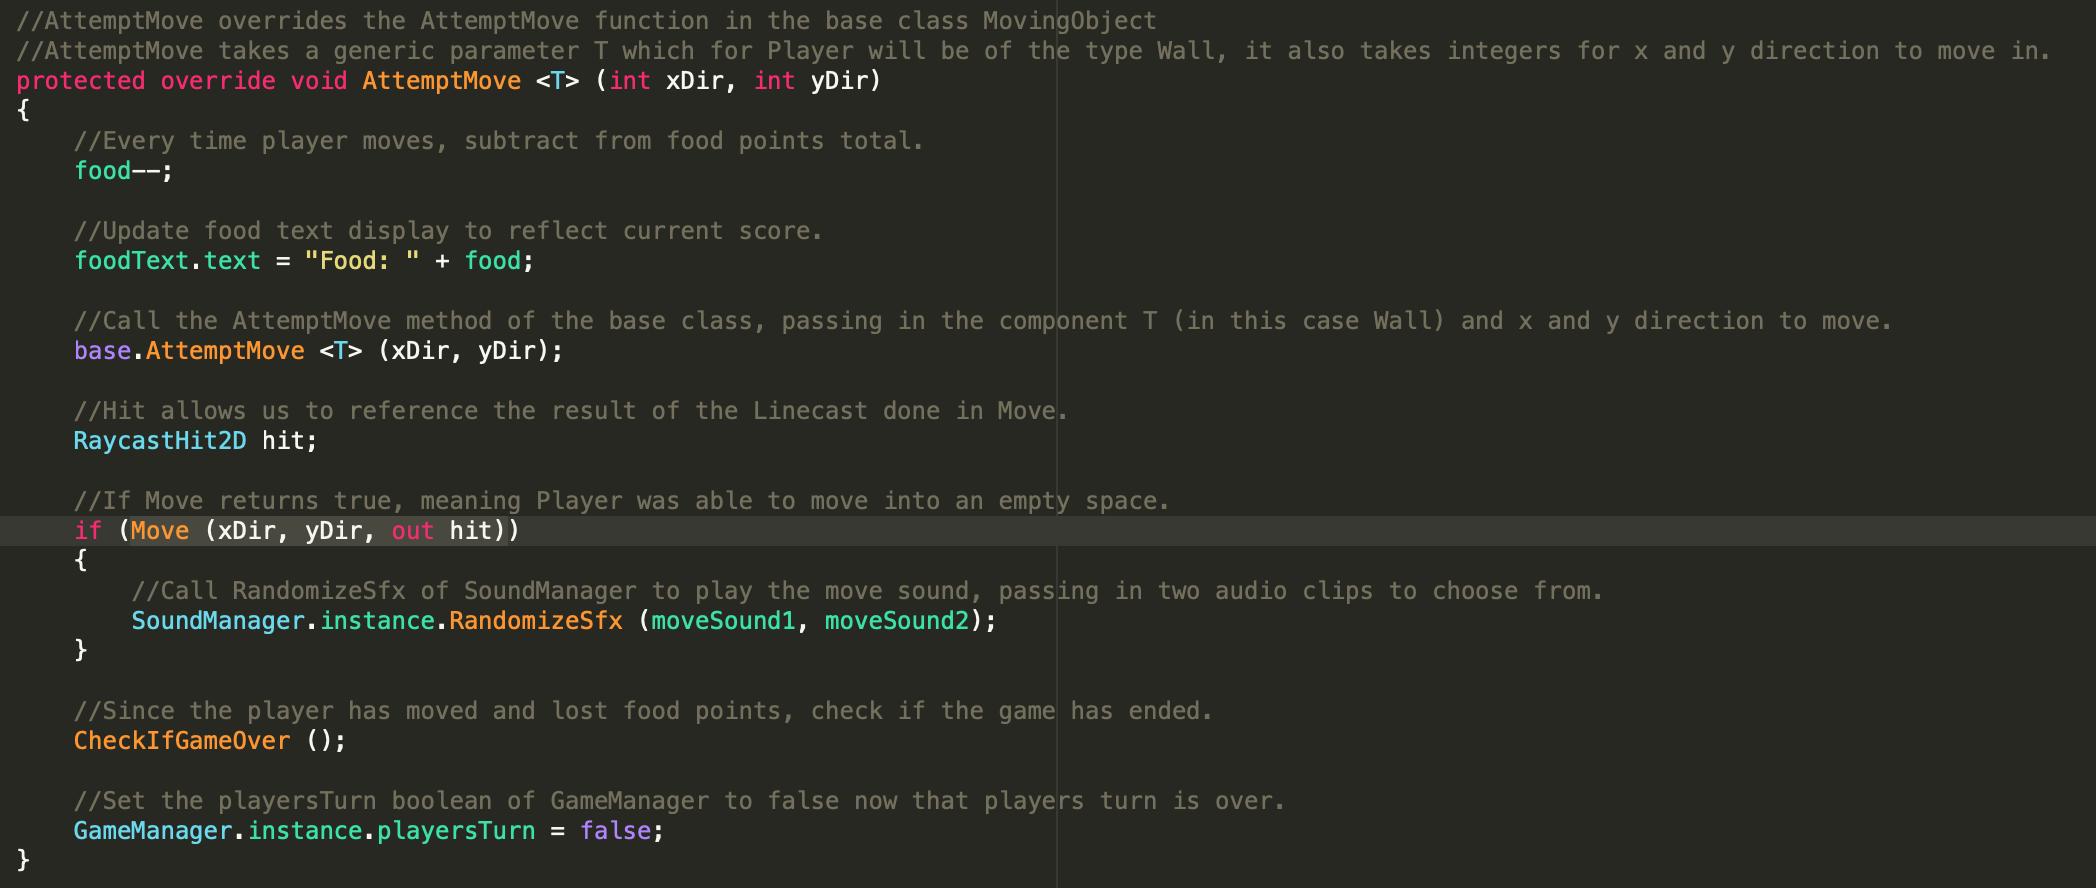 官方课程Roguelike的一点问题